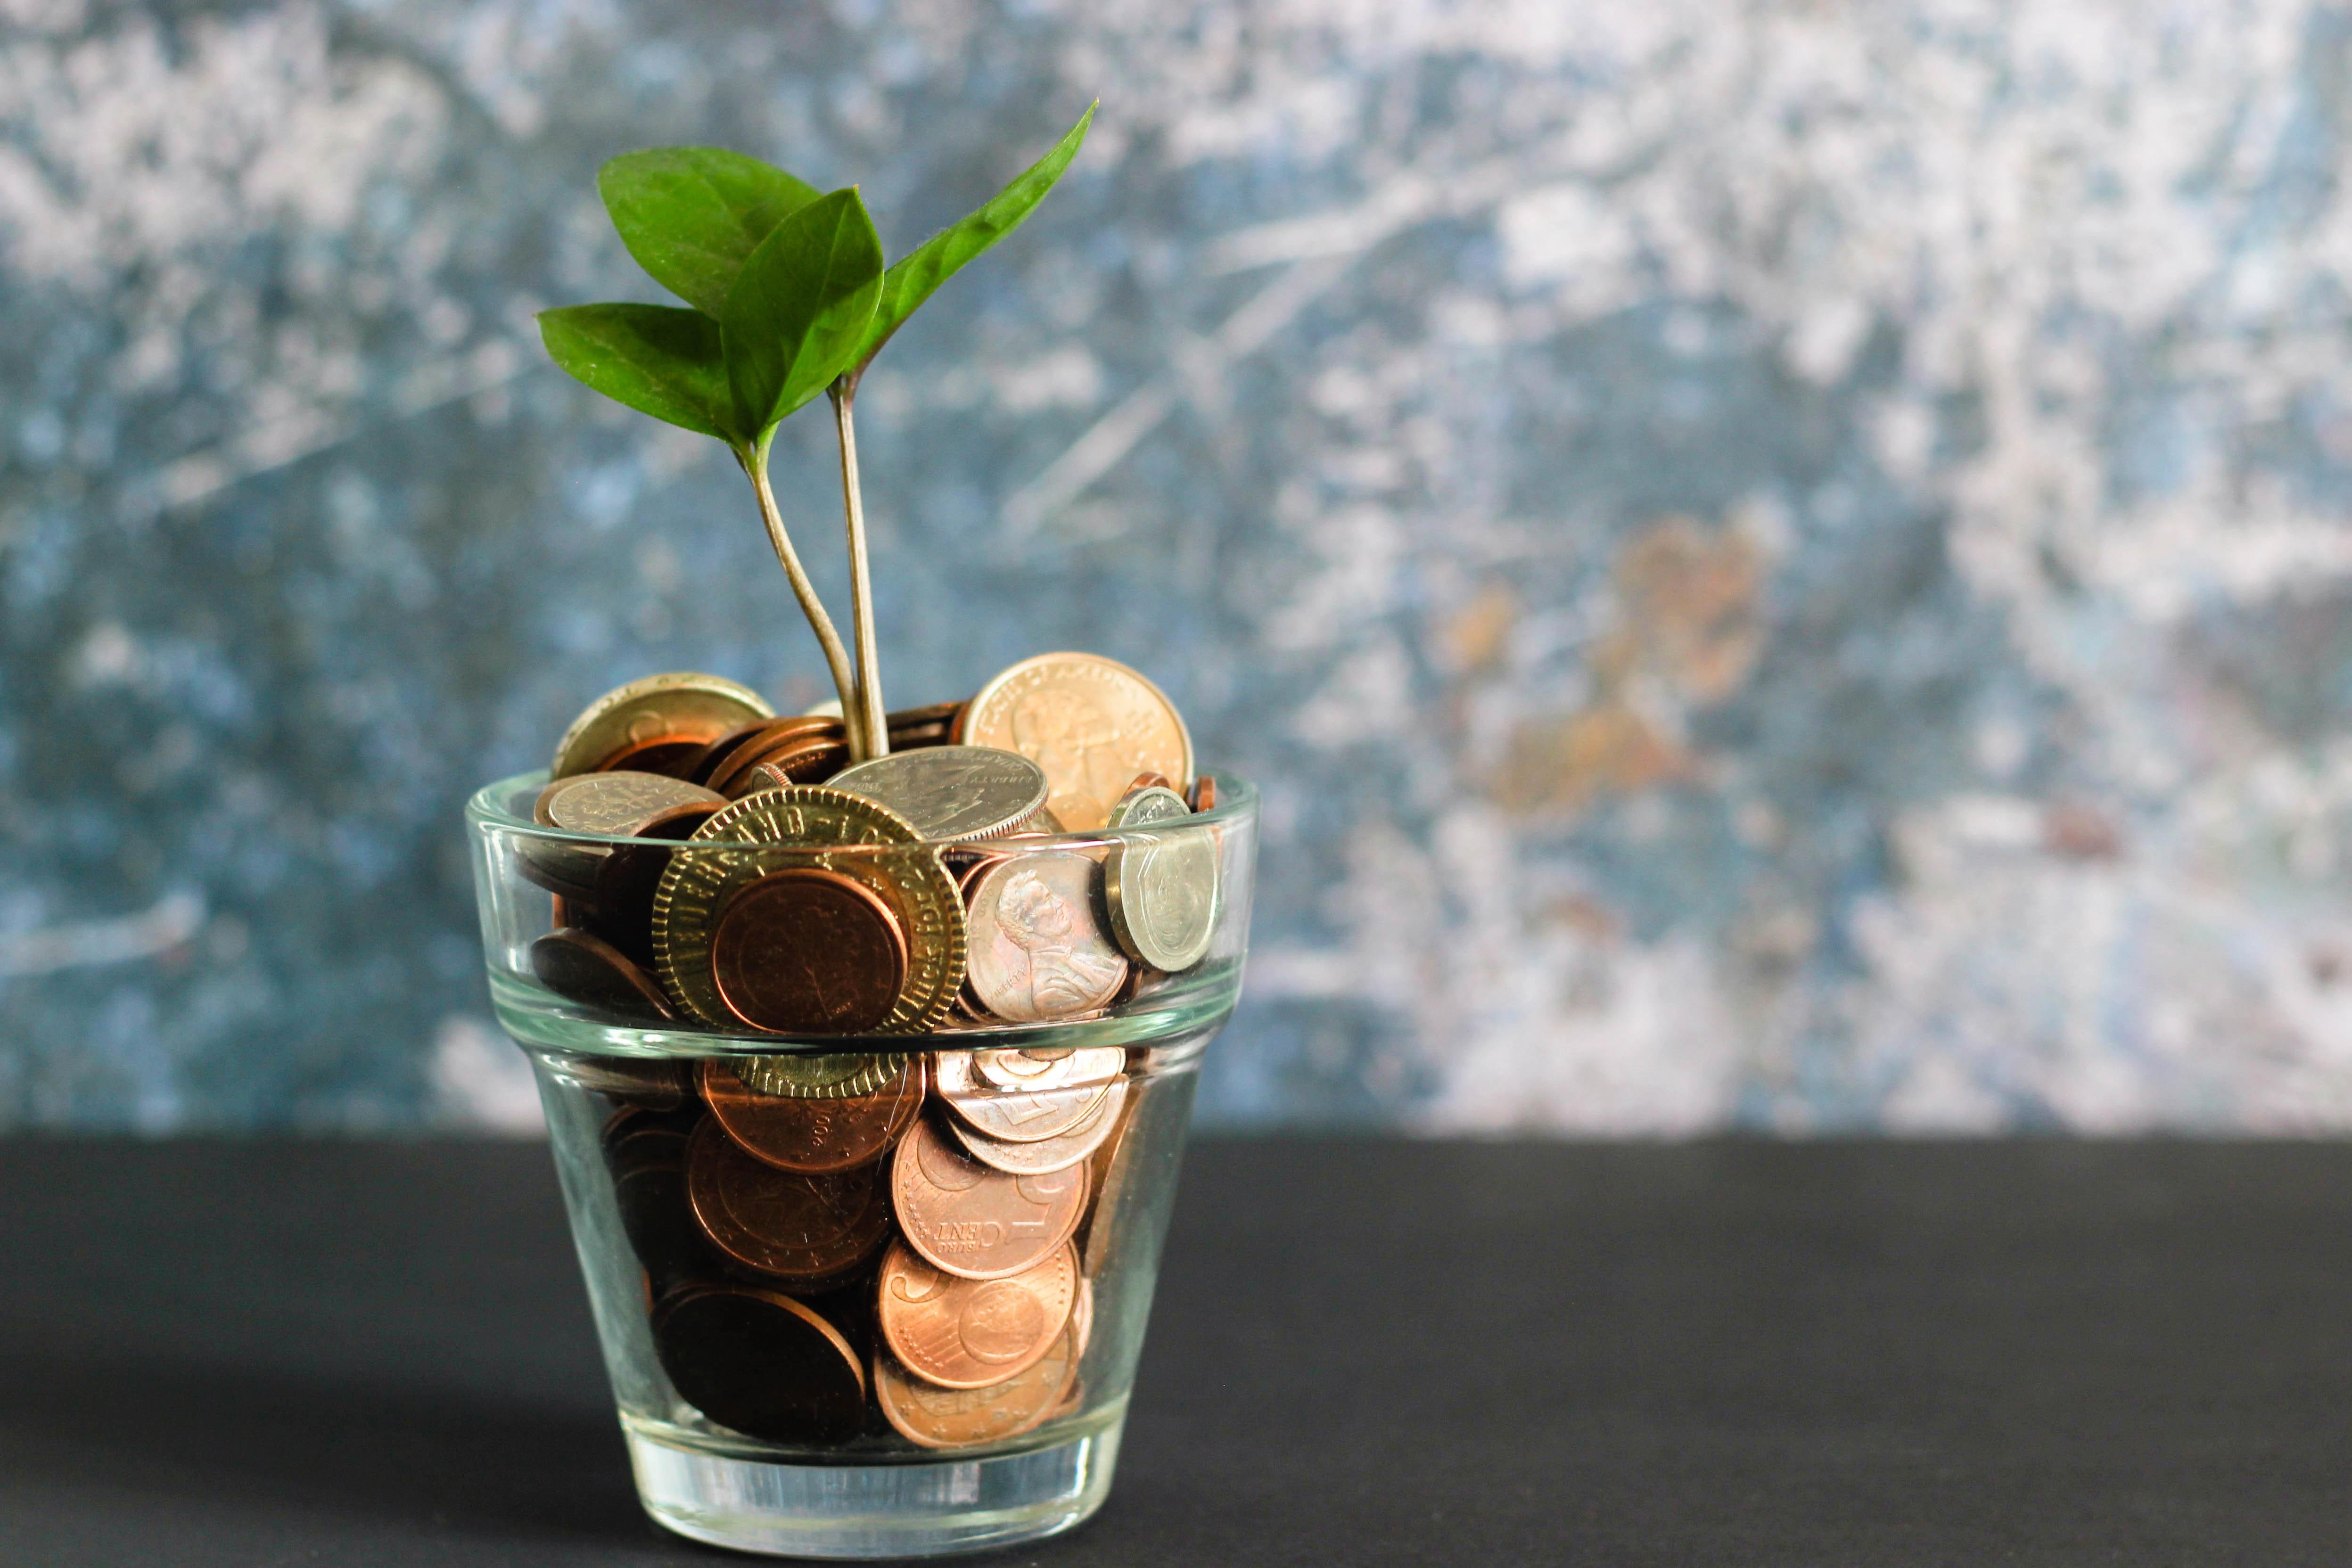 pension fund savings growth